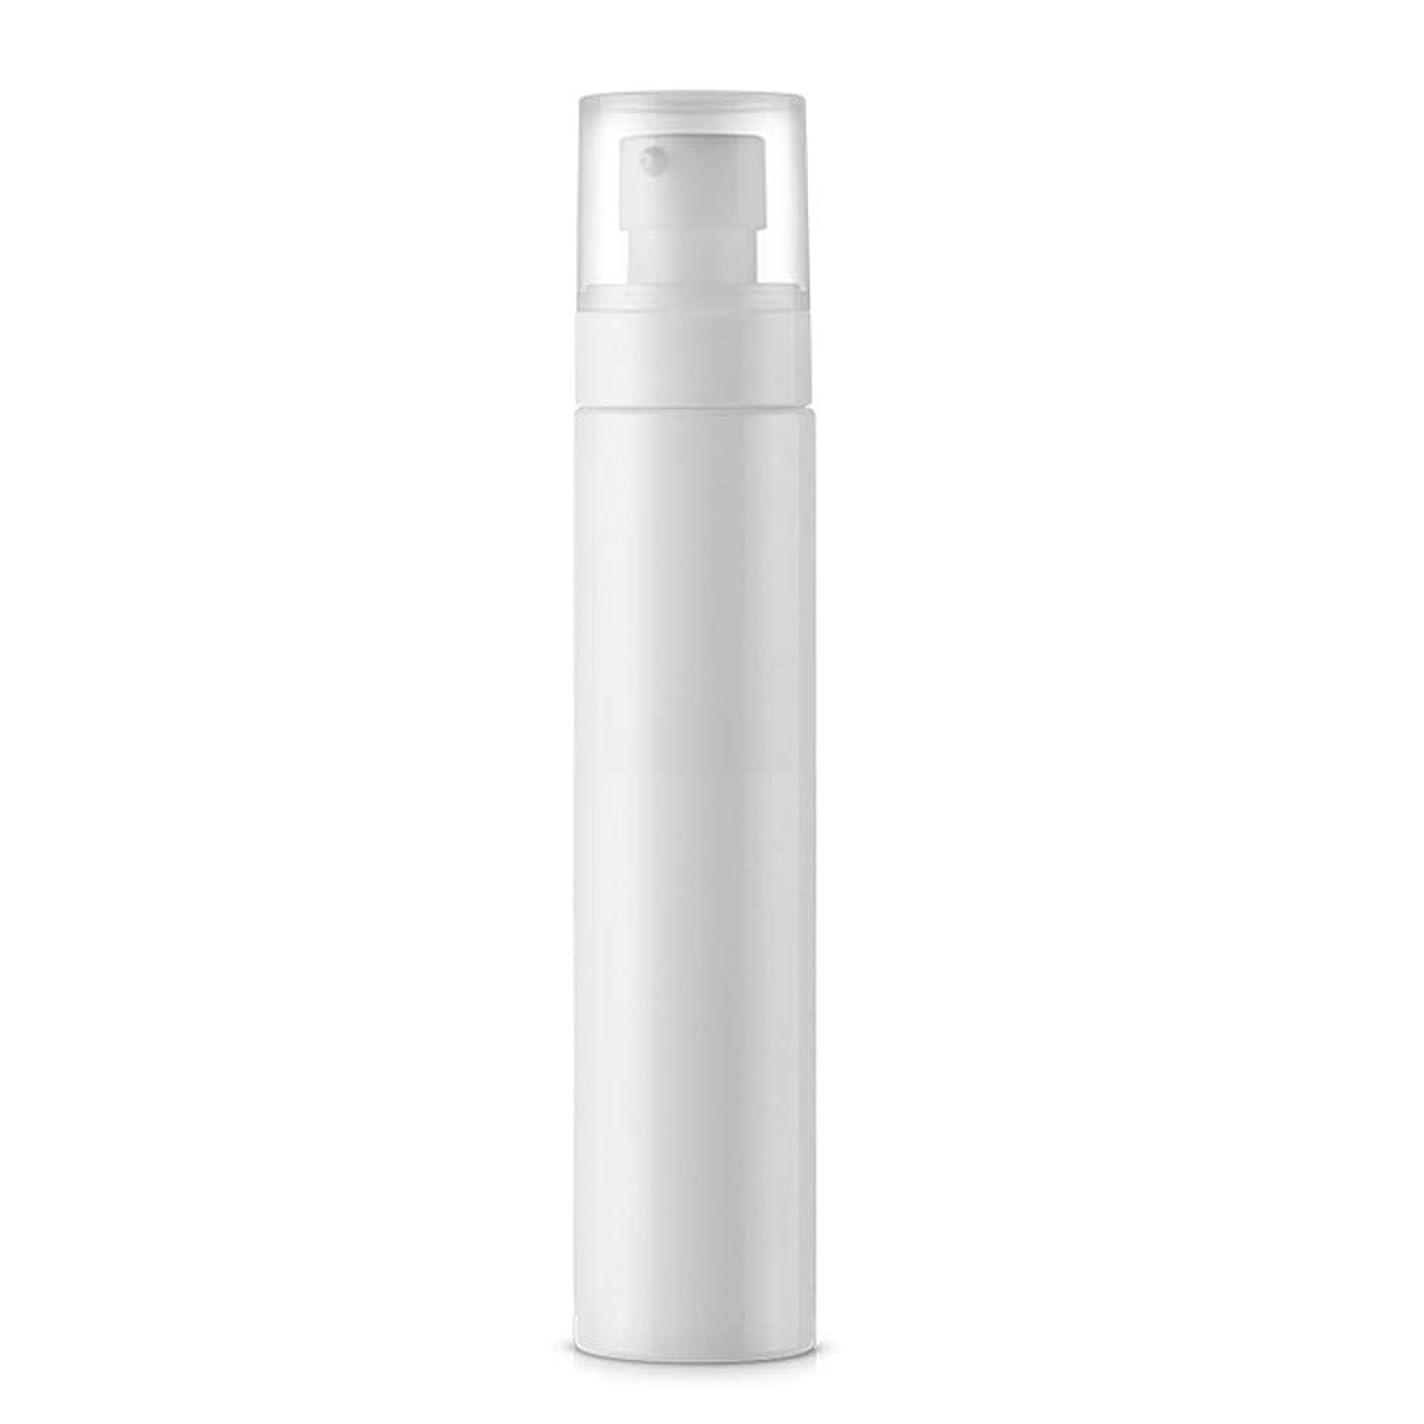 追加入札考えたVi.yo ポンプボトル 小分けボトル 化粧水 詰替用ボトル 携帯用 旅行 出張 150ml